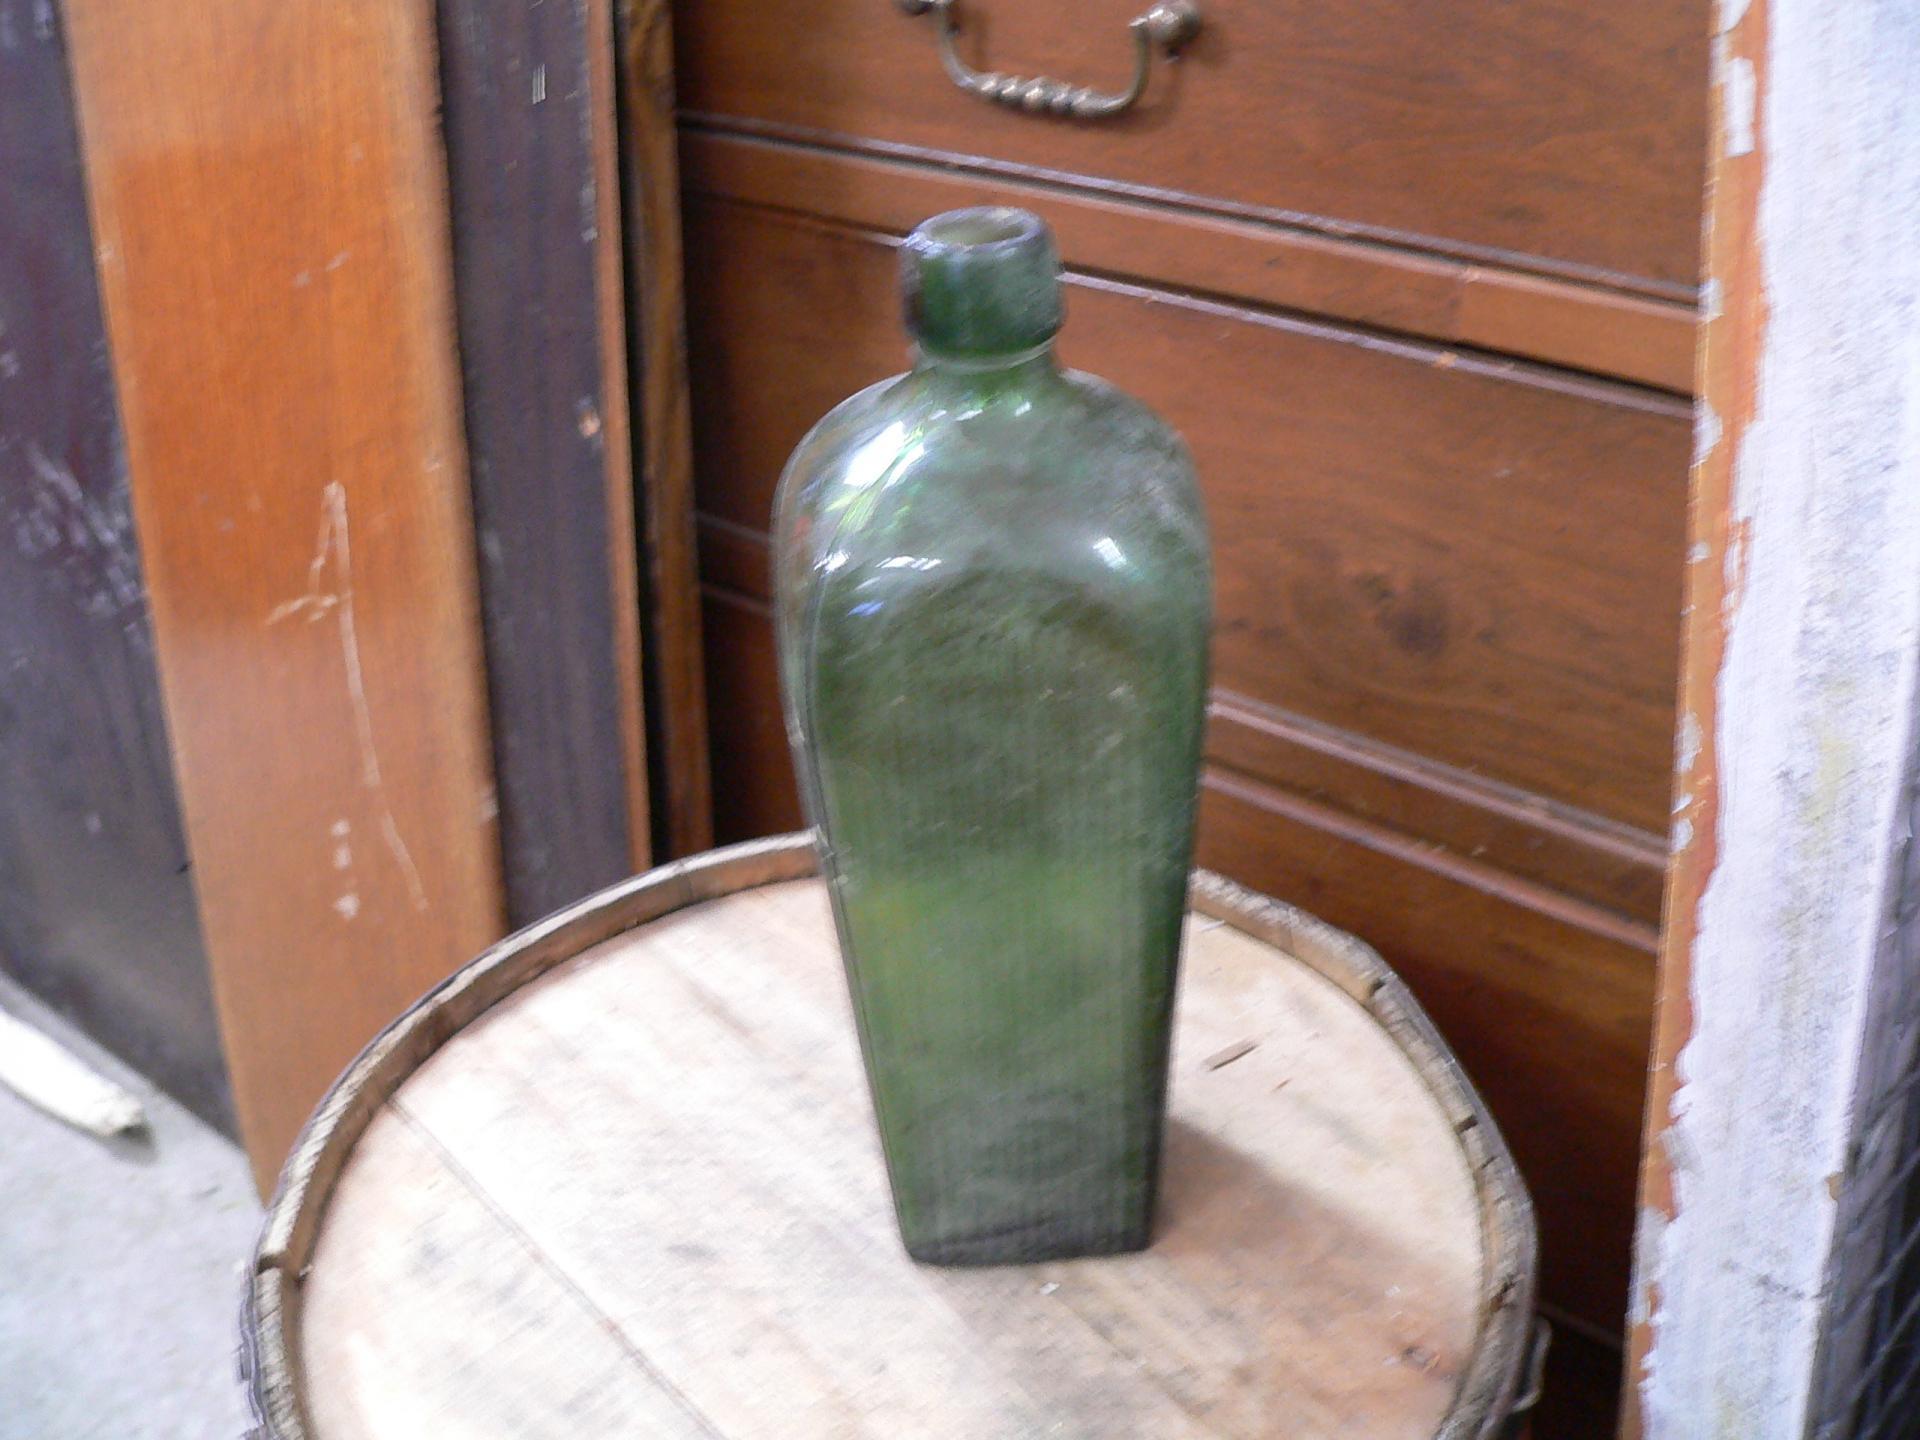 Bouteille antique de kuyper 4 épaule # 5046.12